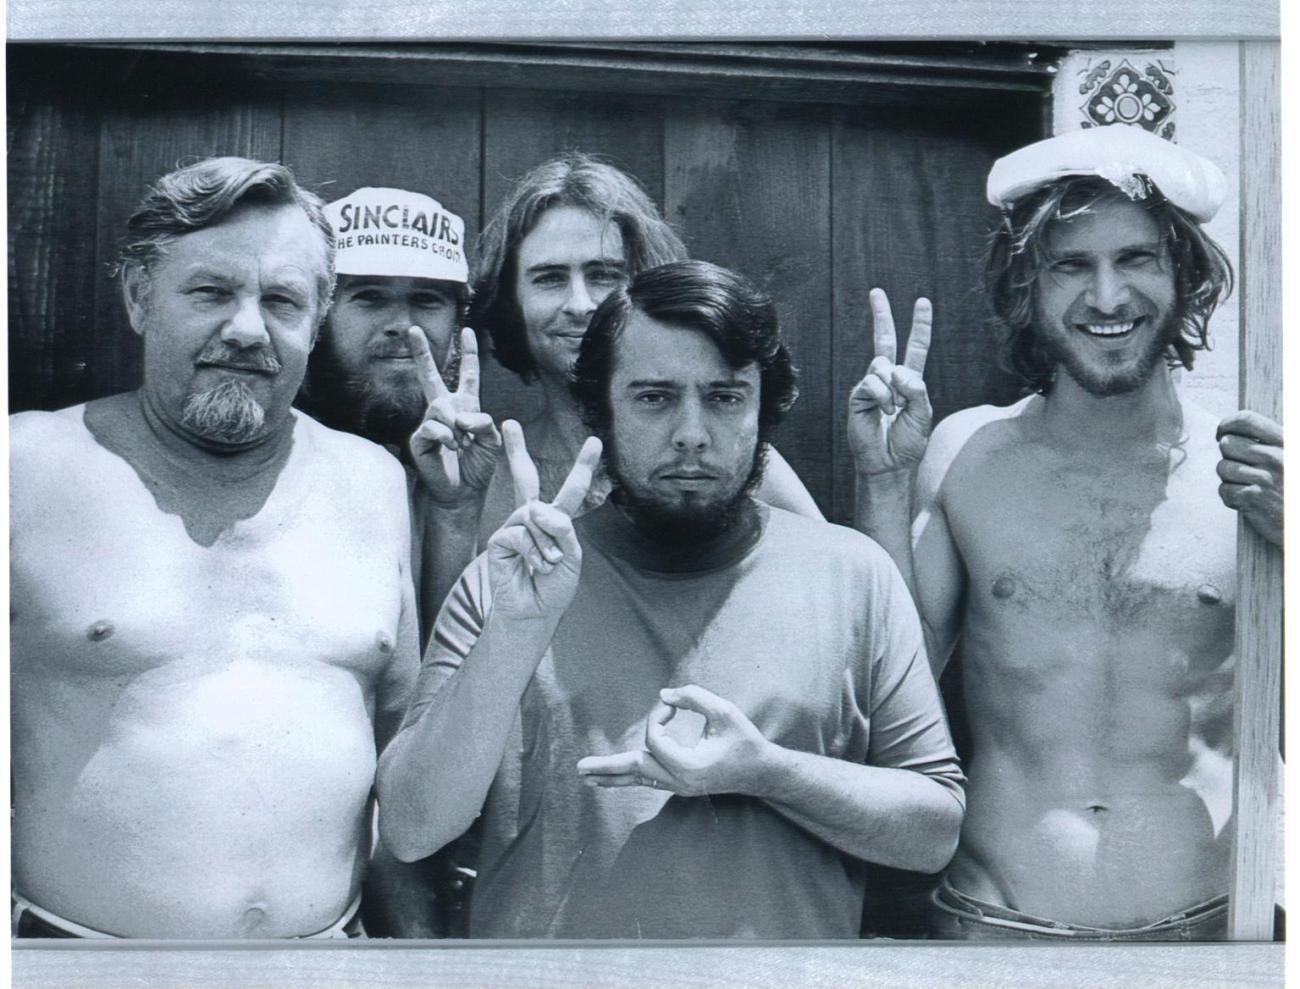 Sérgio Mendes (centro) y un carpintero llamado Harrison Ford. Imagen: Sérgio Mendes Twitter (@sergiomendes).